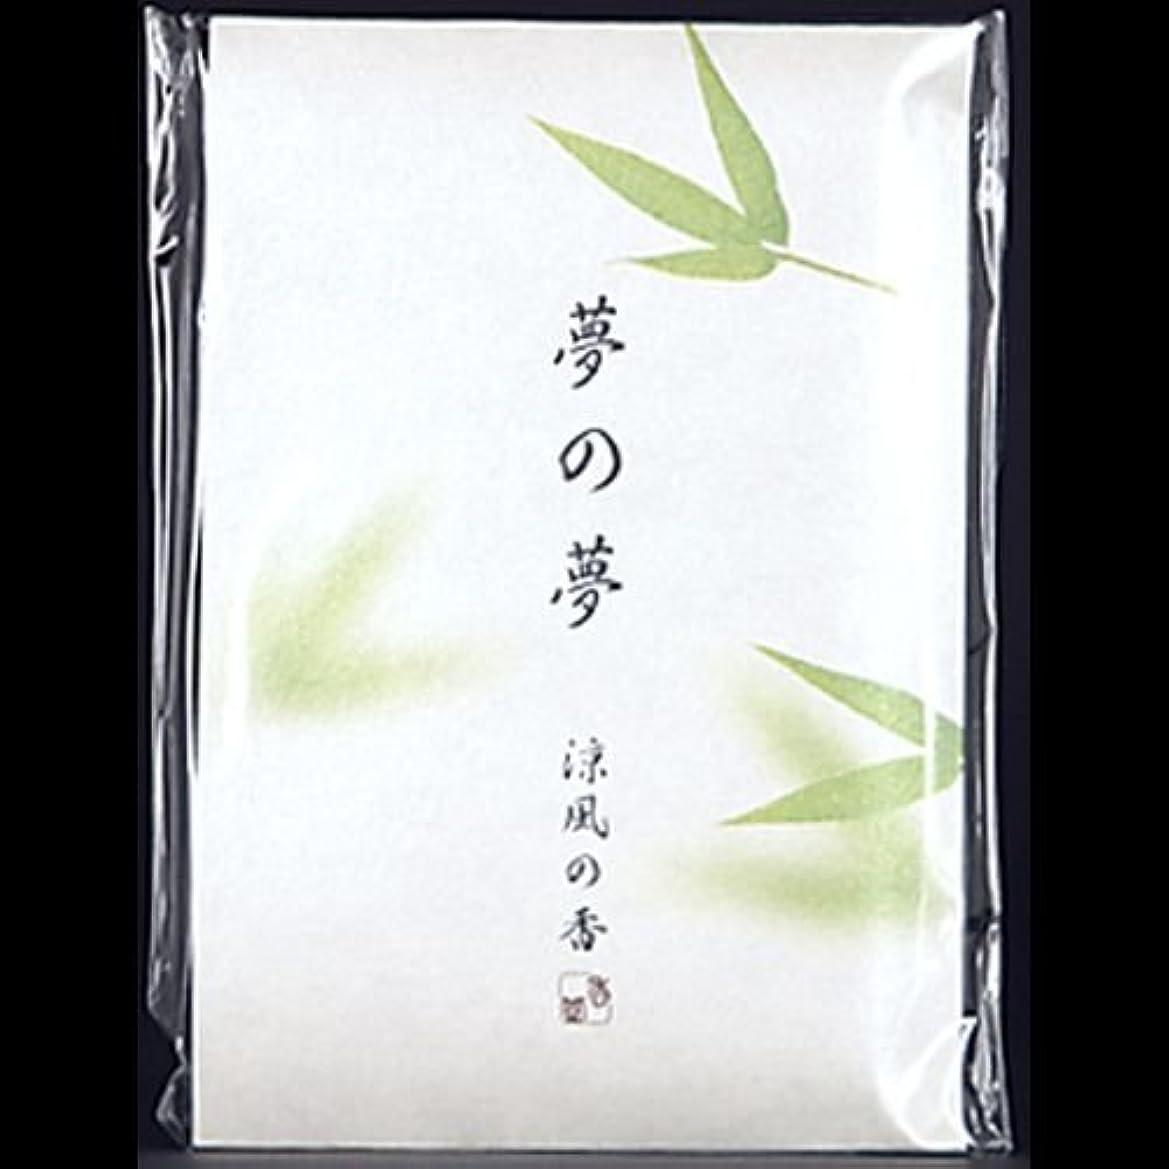 八百屋さん老朽化した国内の【まとめ買い】夢の夢 涼風の香 (笹) スティック12本入 ×2セット